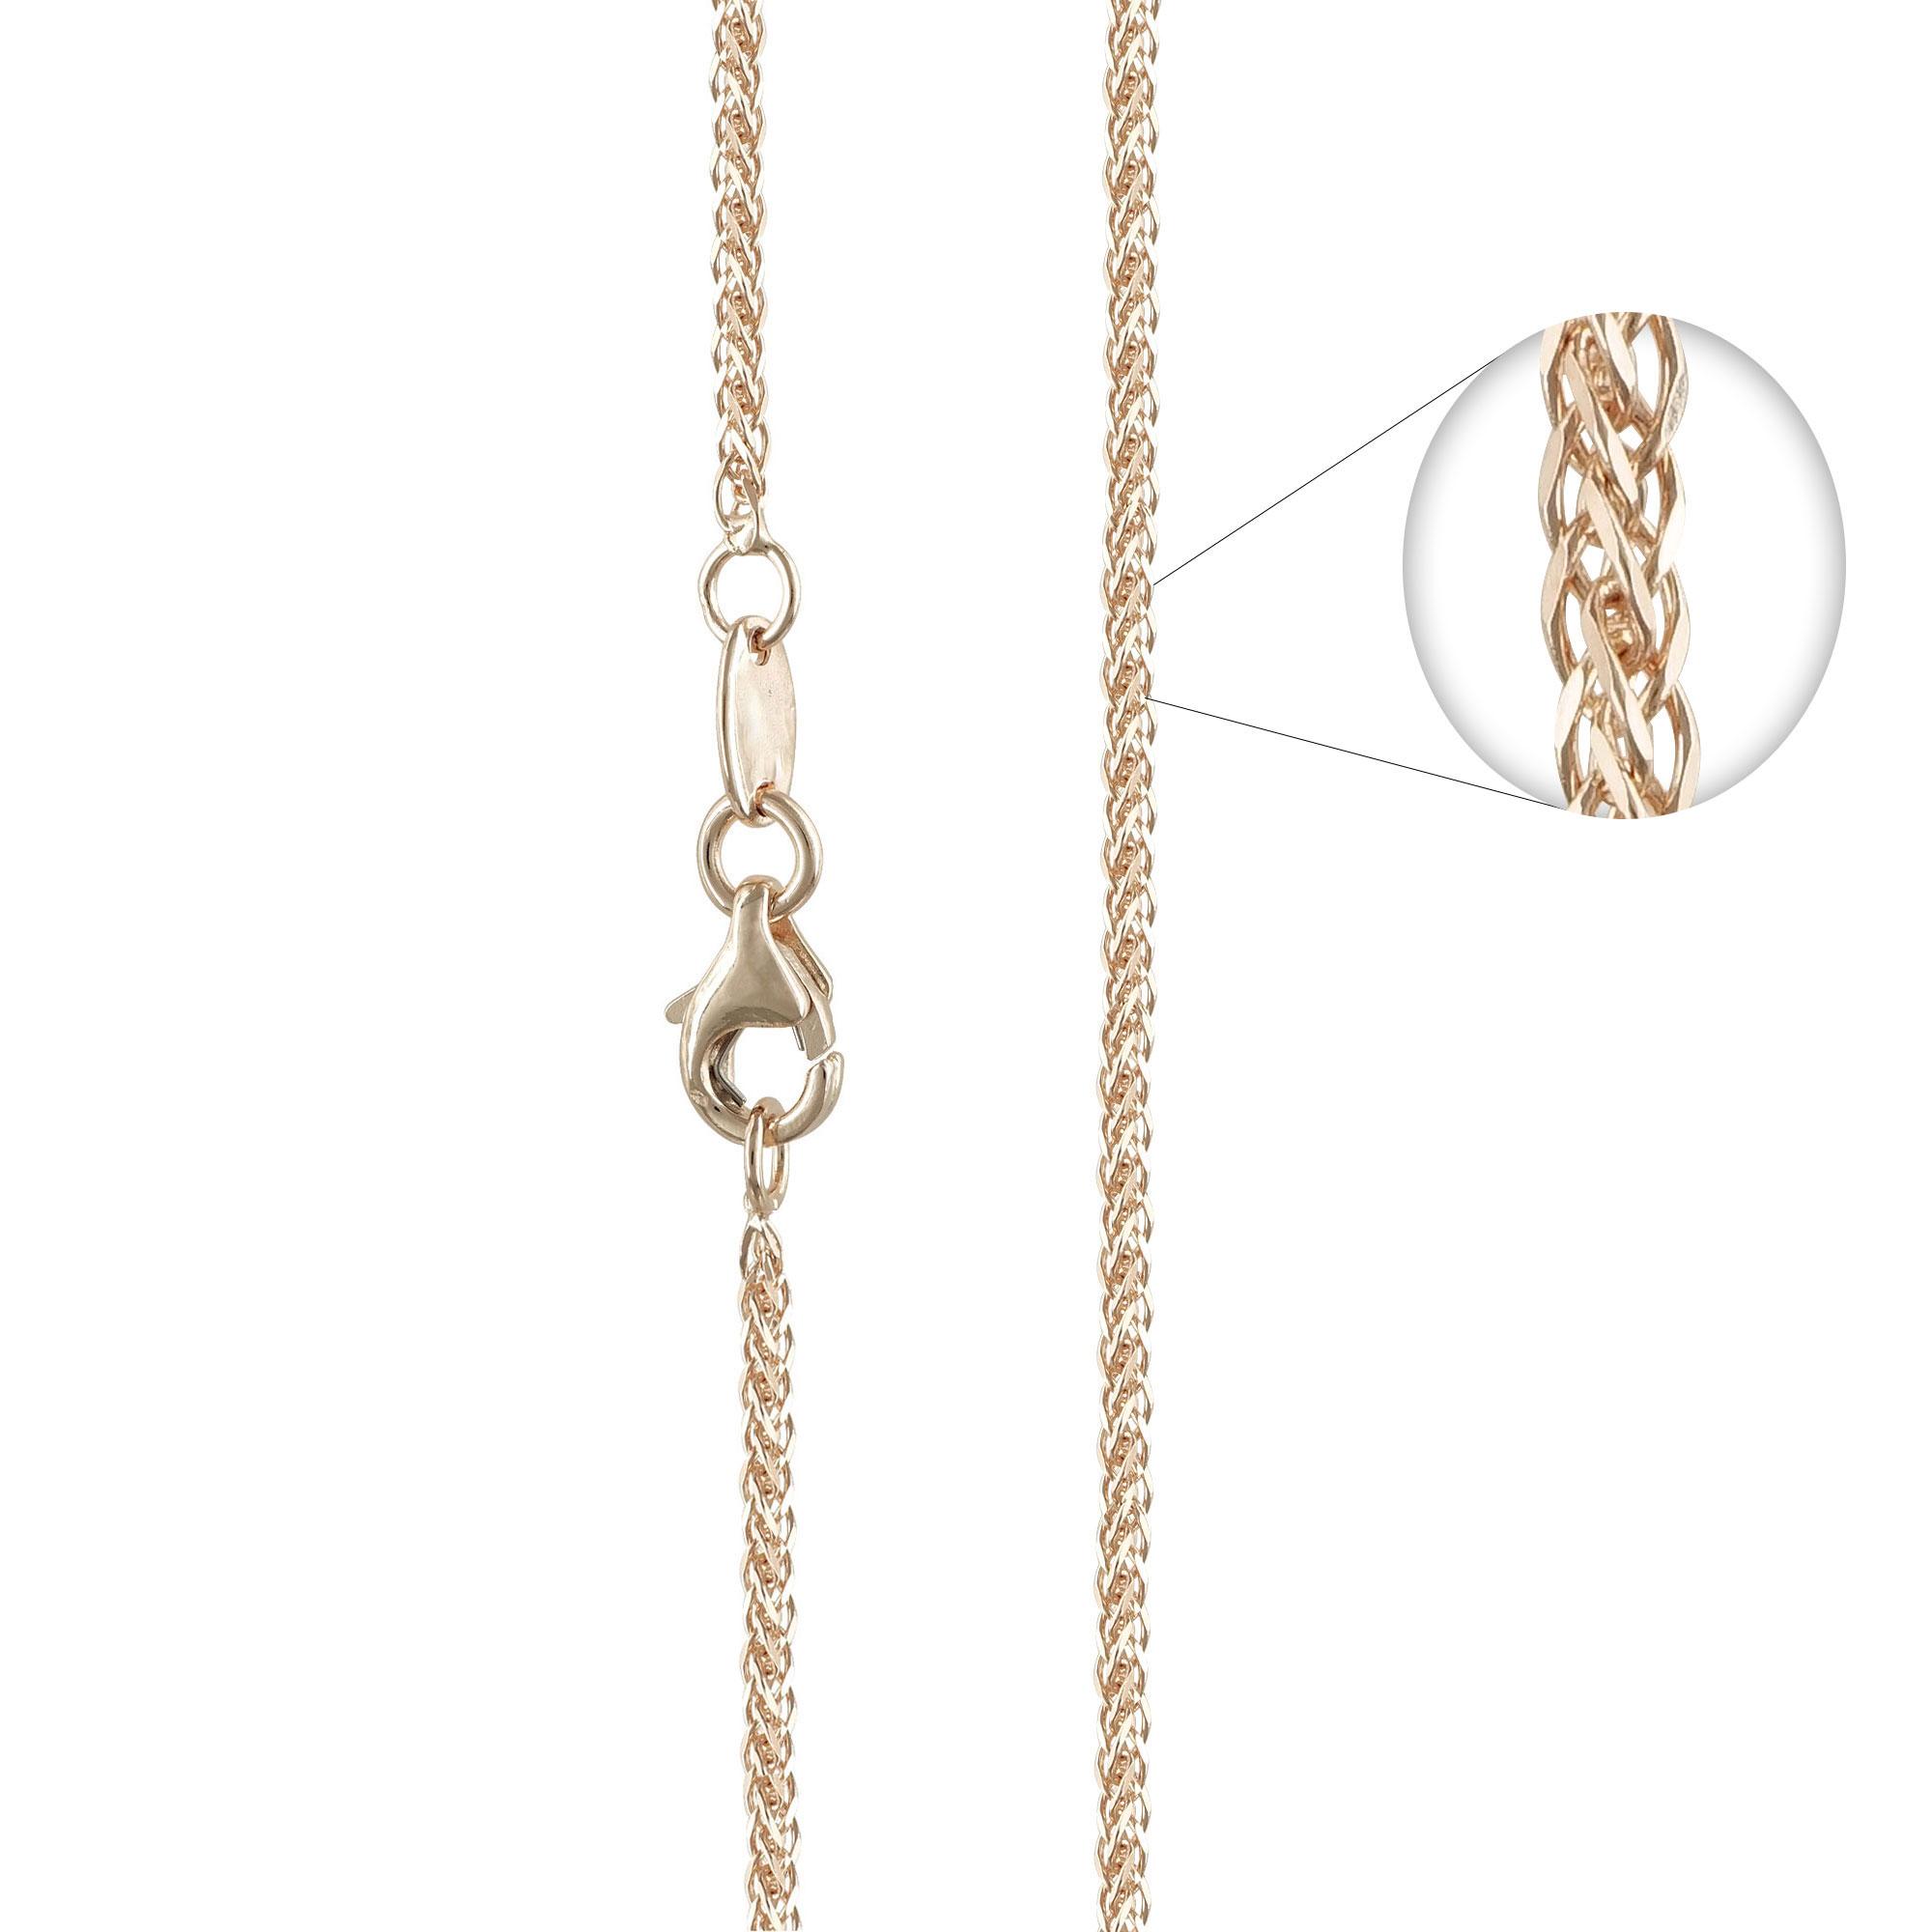 Ροζ Χρυσή Αλυσίδα Σπίγγα #3 AL115 k9 45cm